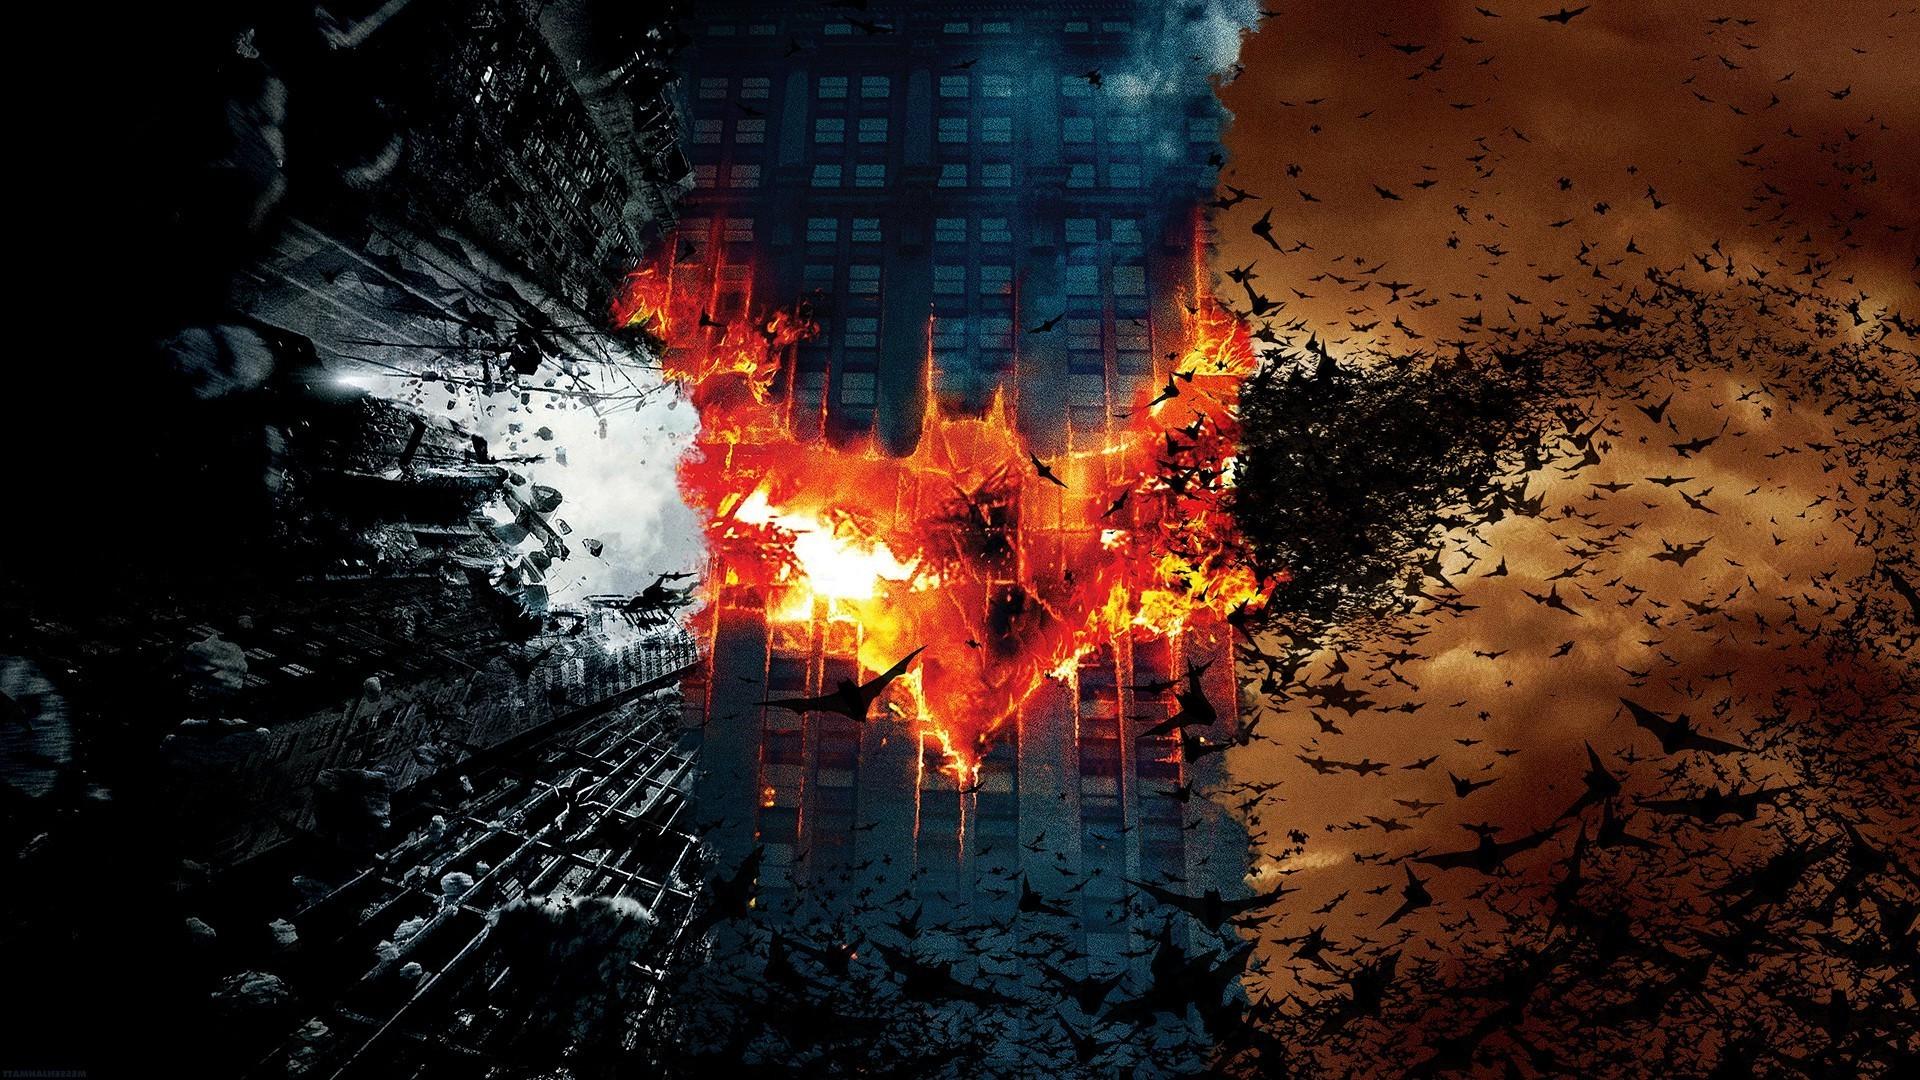 Dark Knight Falls Wallpaper Wallpaper 1920x1080 Px Batman Begins Movies The Dark